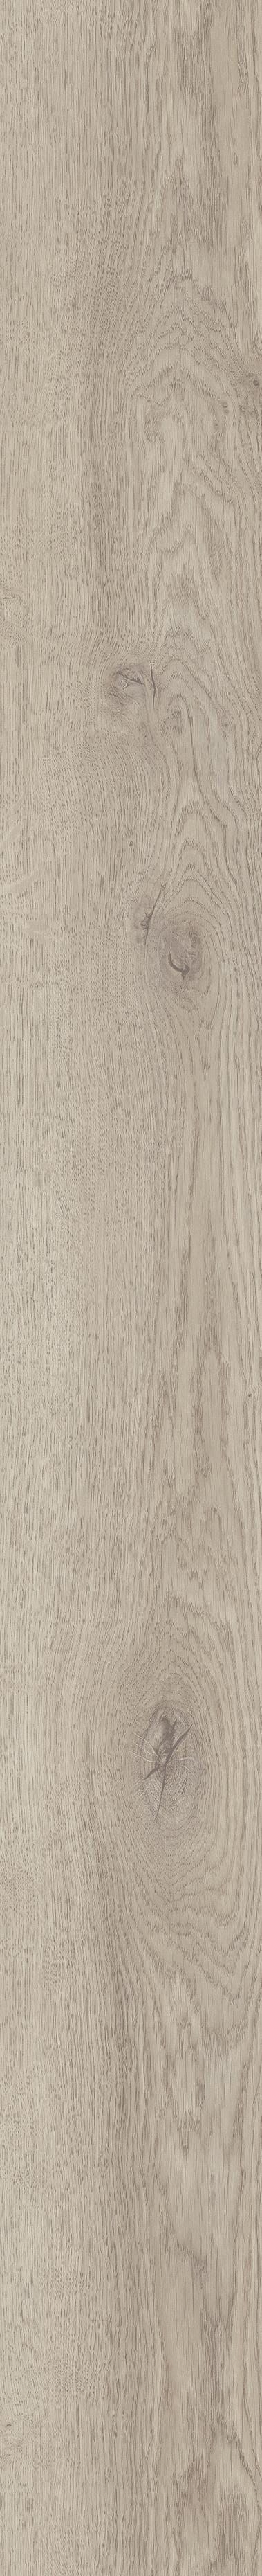 kronotex mammut laminat berg eiche beige d 4728 von kronotex. Black Bedroom Furniture Sets. Home Design Ideas